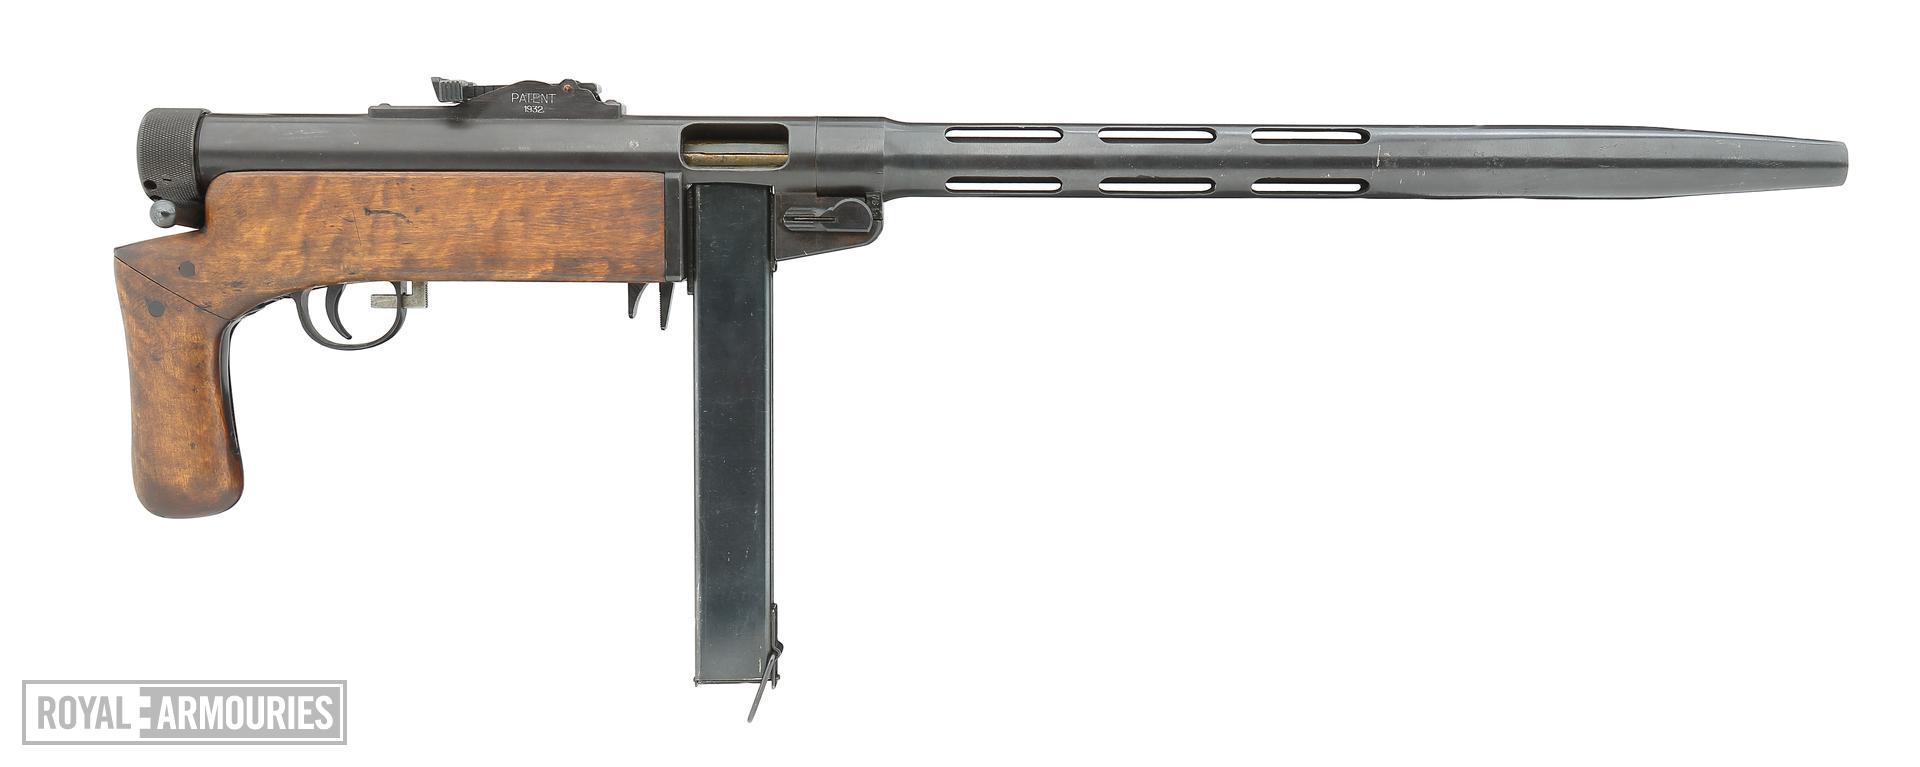 Centrefire automatic submachine gun - Suomi KP M31